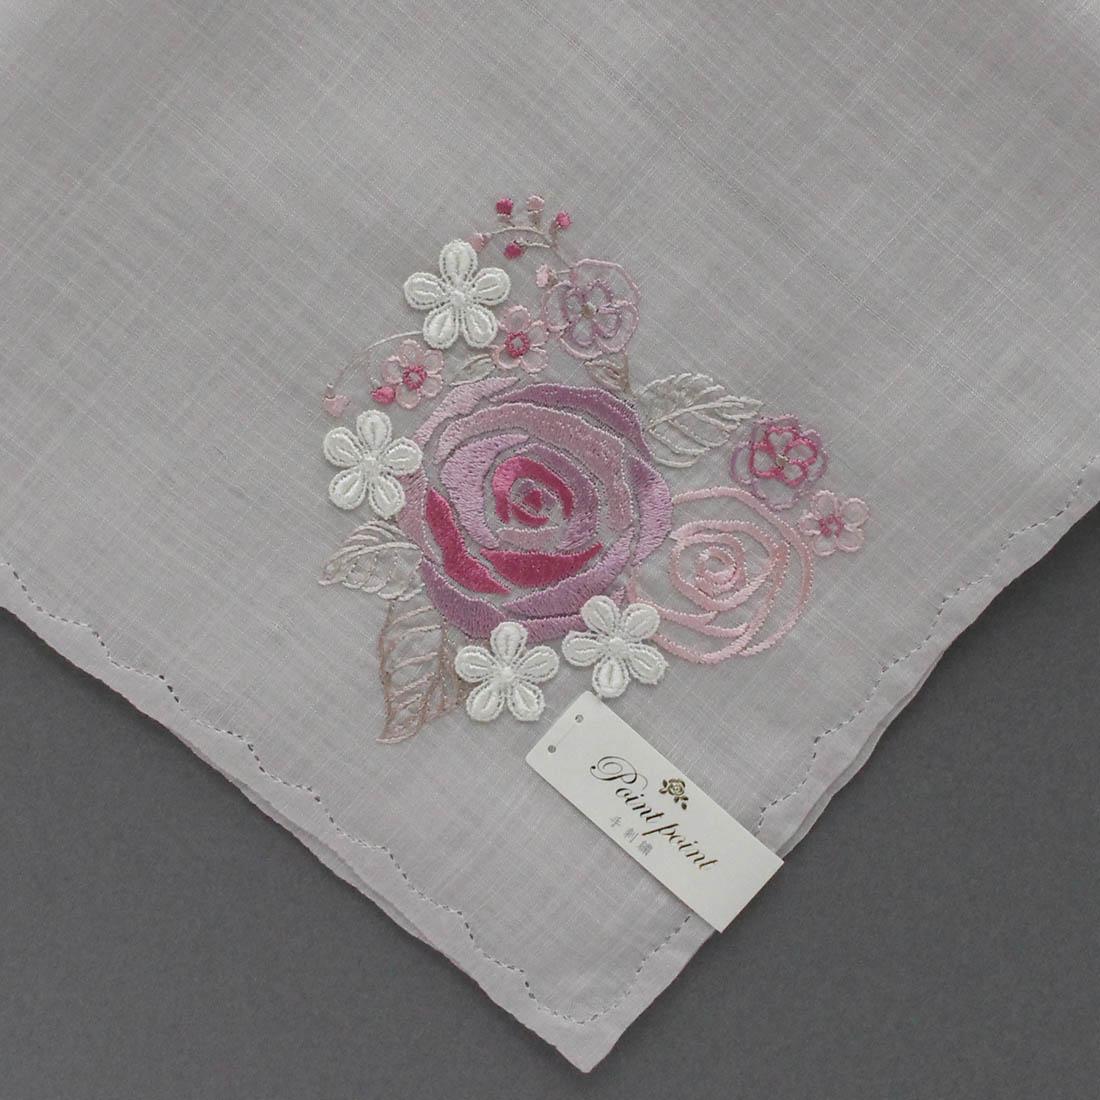 【送料無料】ベトナム手刺繍ハンカチ 花 8213 グレー